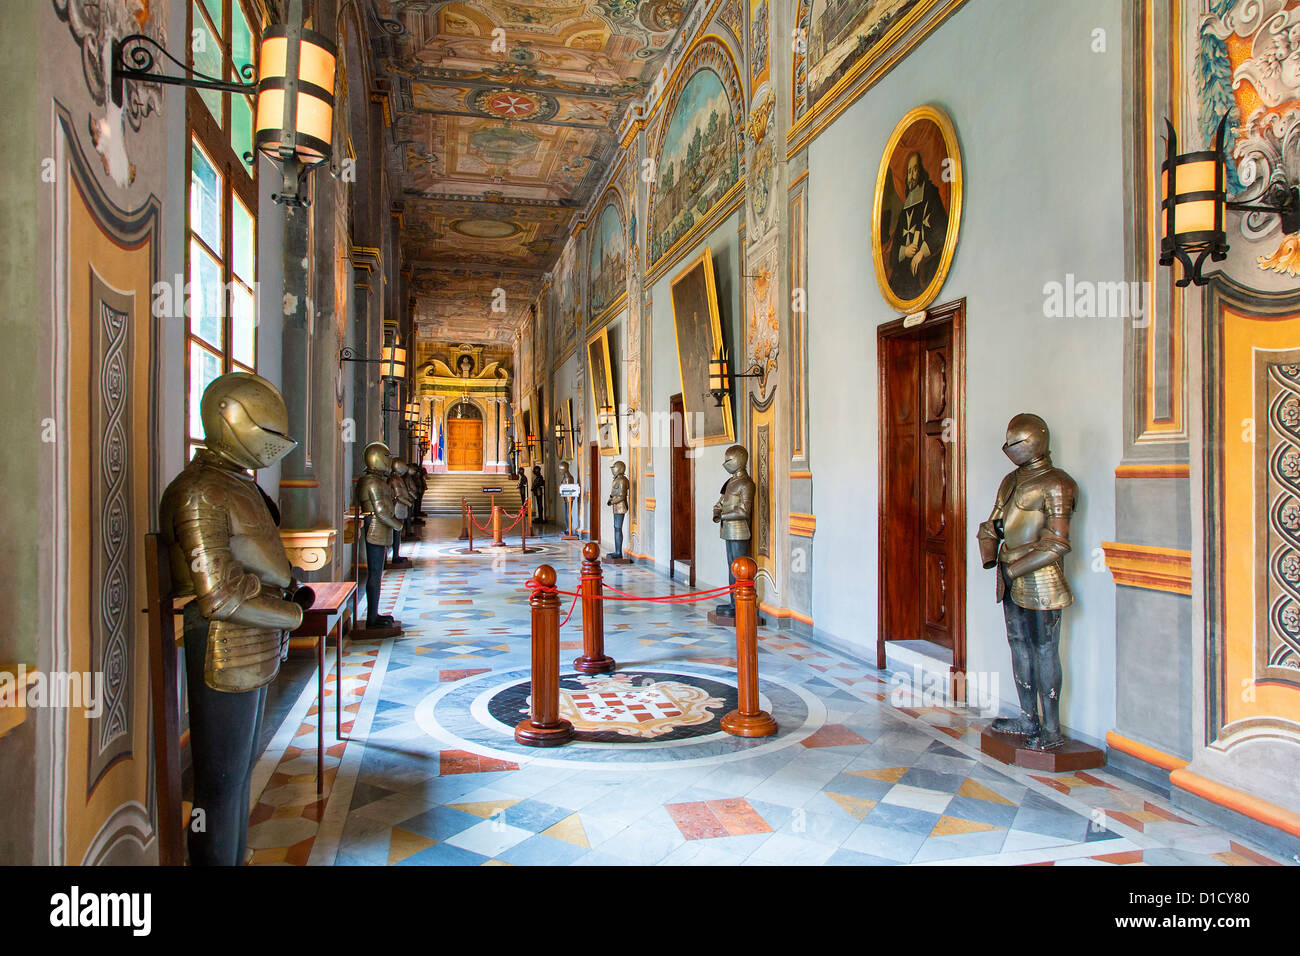 Malta, Valletta, The Grandmaster's Palace - Stock Image